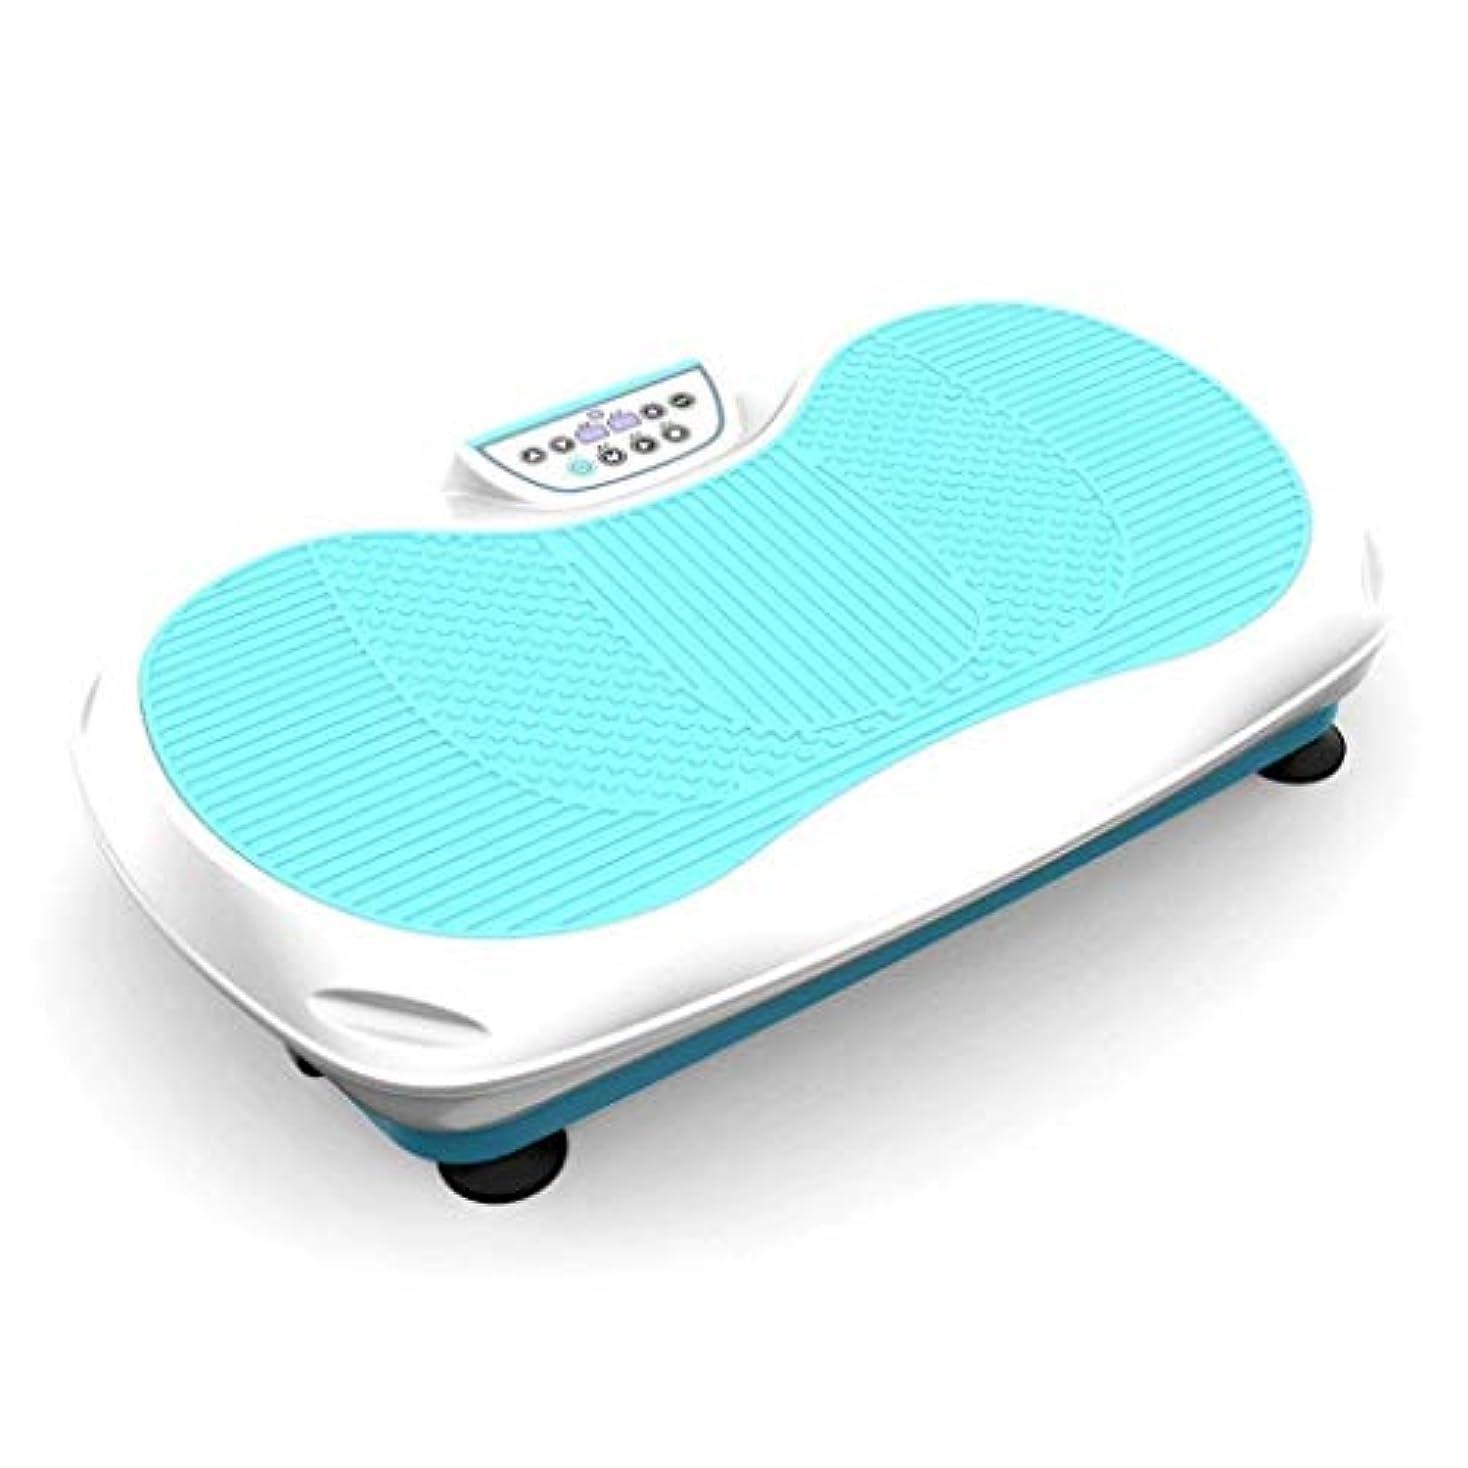 かんがい最小一過性ホーム減量デバイス、バイブレーションフィットネストレーナー、スポーツおよび3Dフィットネスバイブレーションボード、リモートコントロールおよび99減量、ユニセックス、過剰な脂肪の削減 (Color : 青)